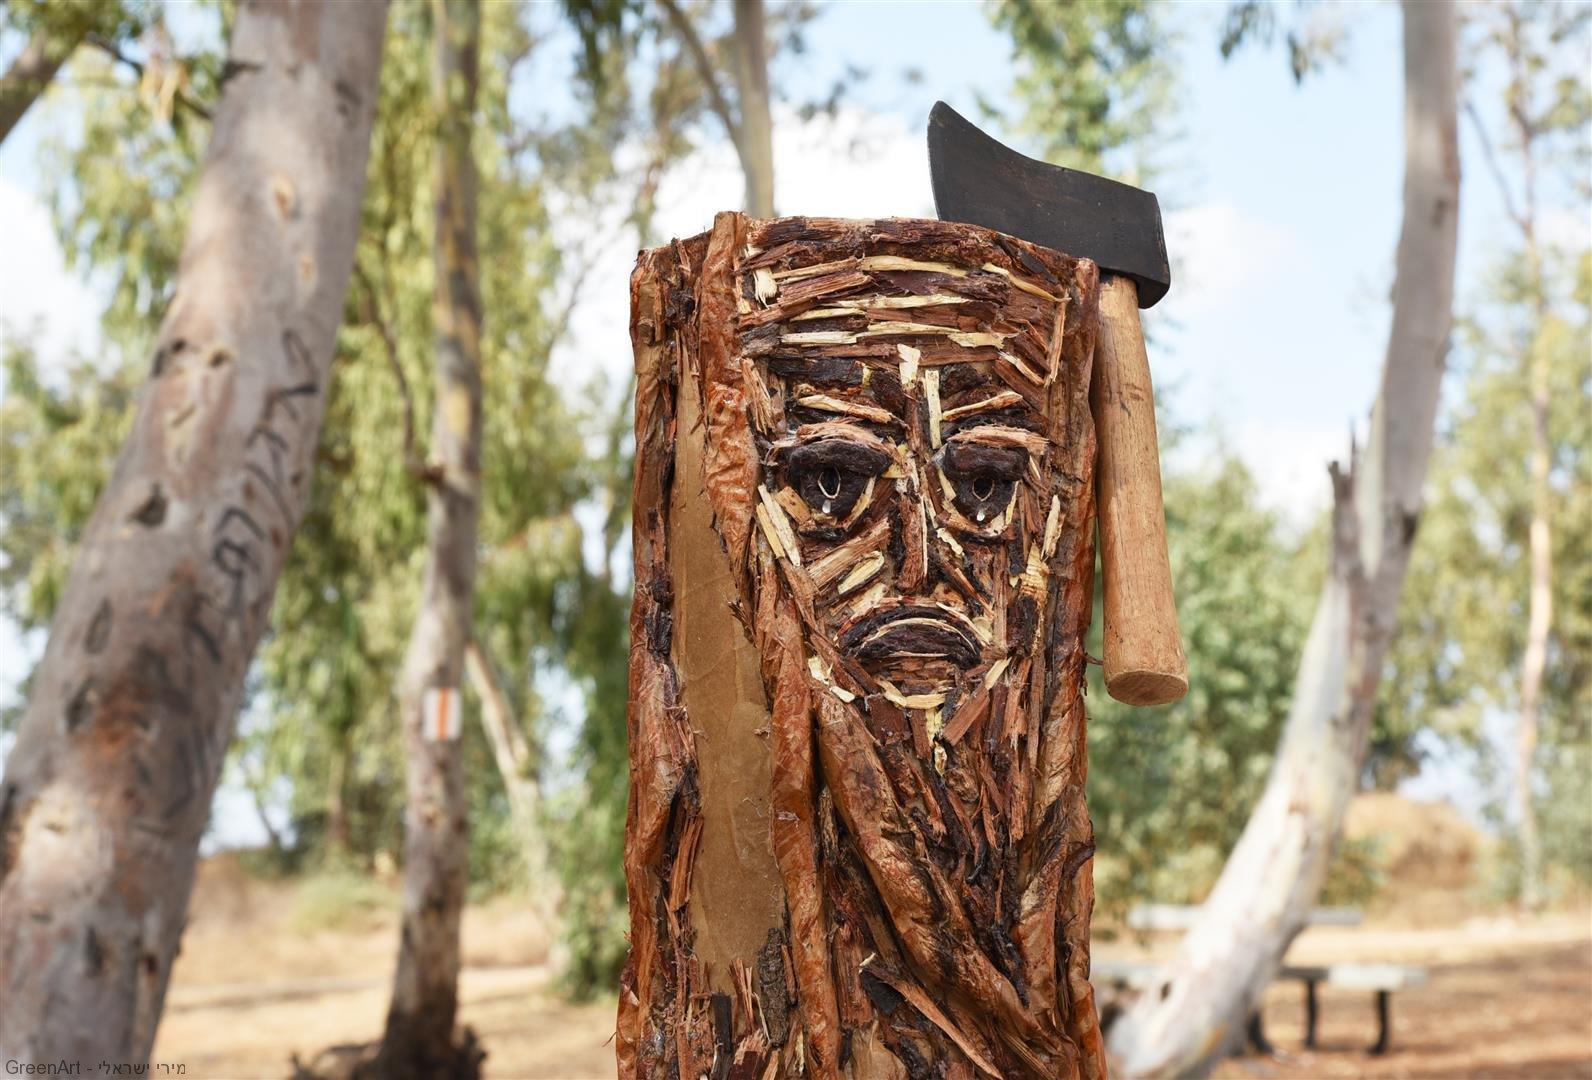 גרזן מונף על גזע העץ הבוכה- the crying tree כמסר נגד כריתתם של העצים שנעלמים מעולמינו